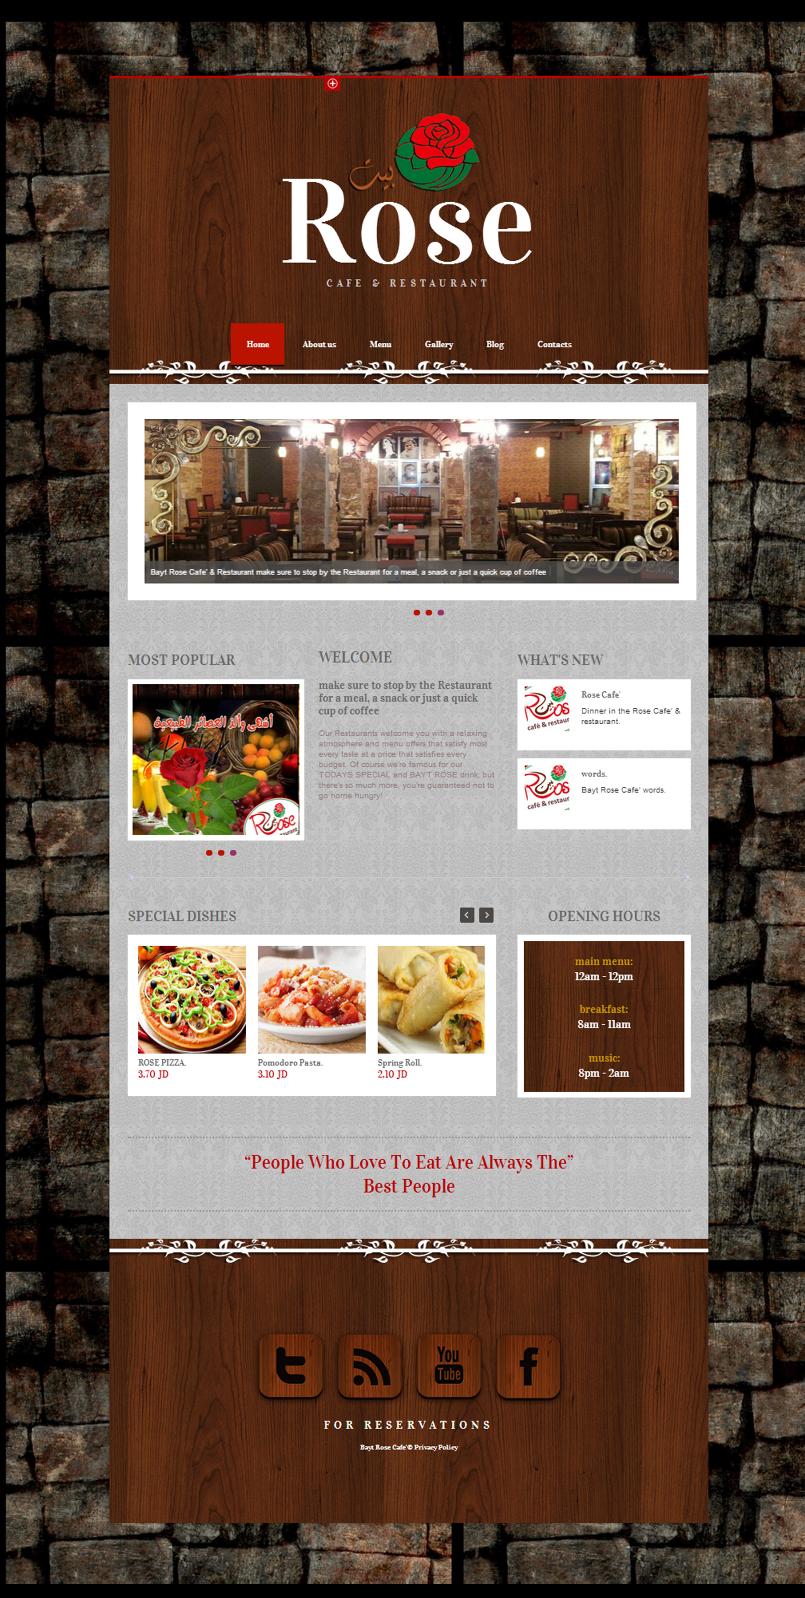 Bayt Rose Cafe & Restaurant